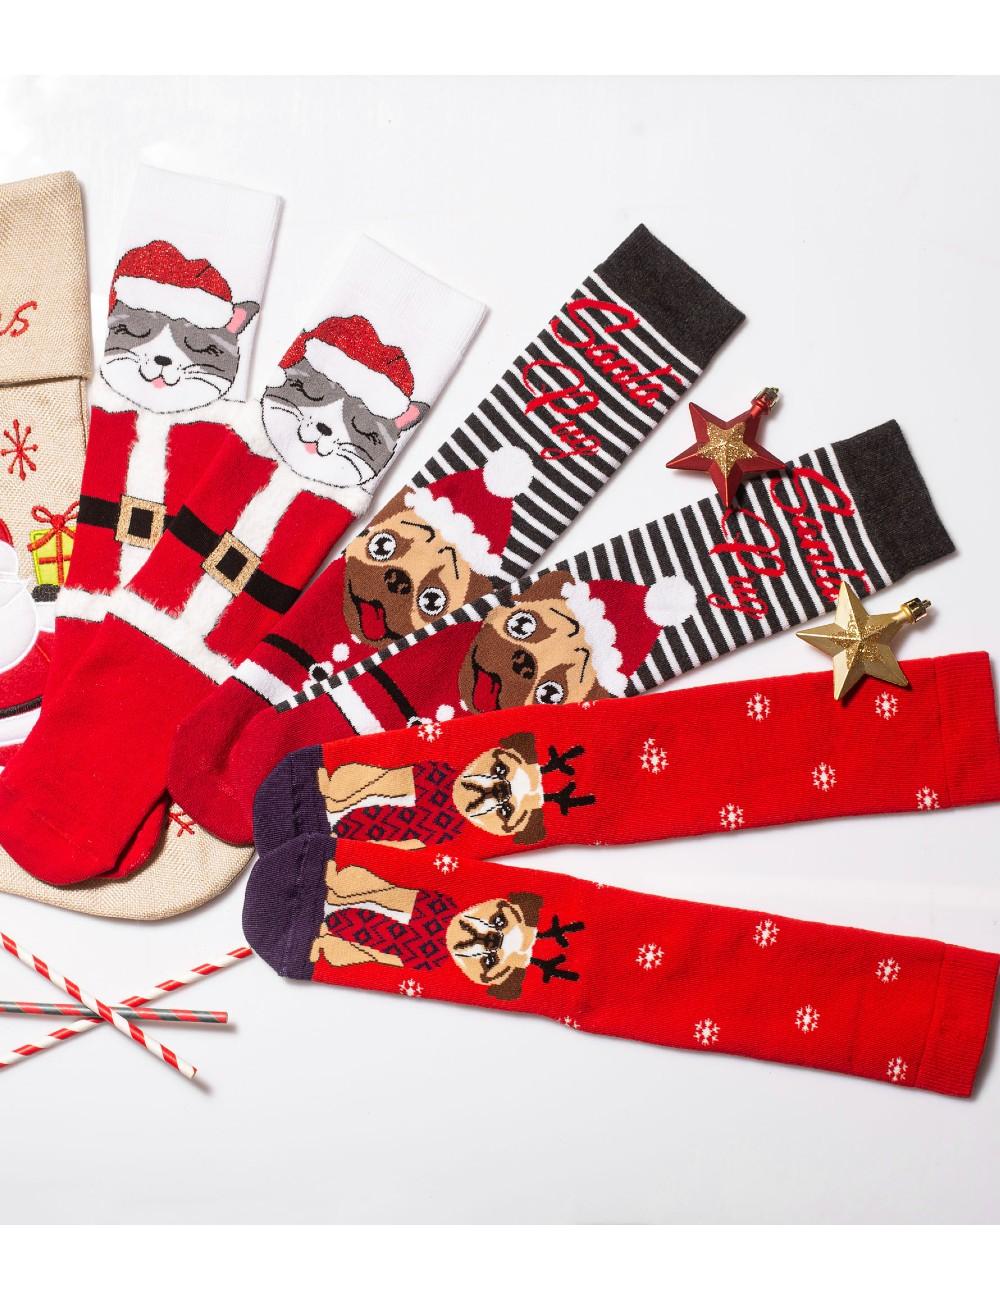 Κάλτσες Χριστουγεννιάτικες Christmas Animals Vtexsocks Σετ 3 τμχ